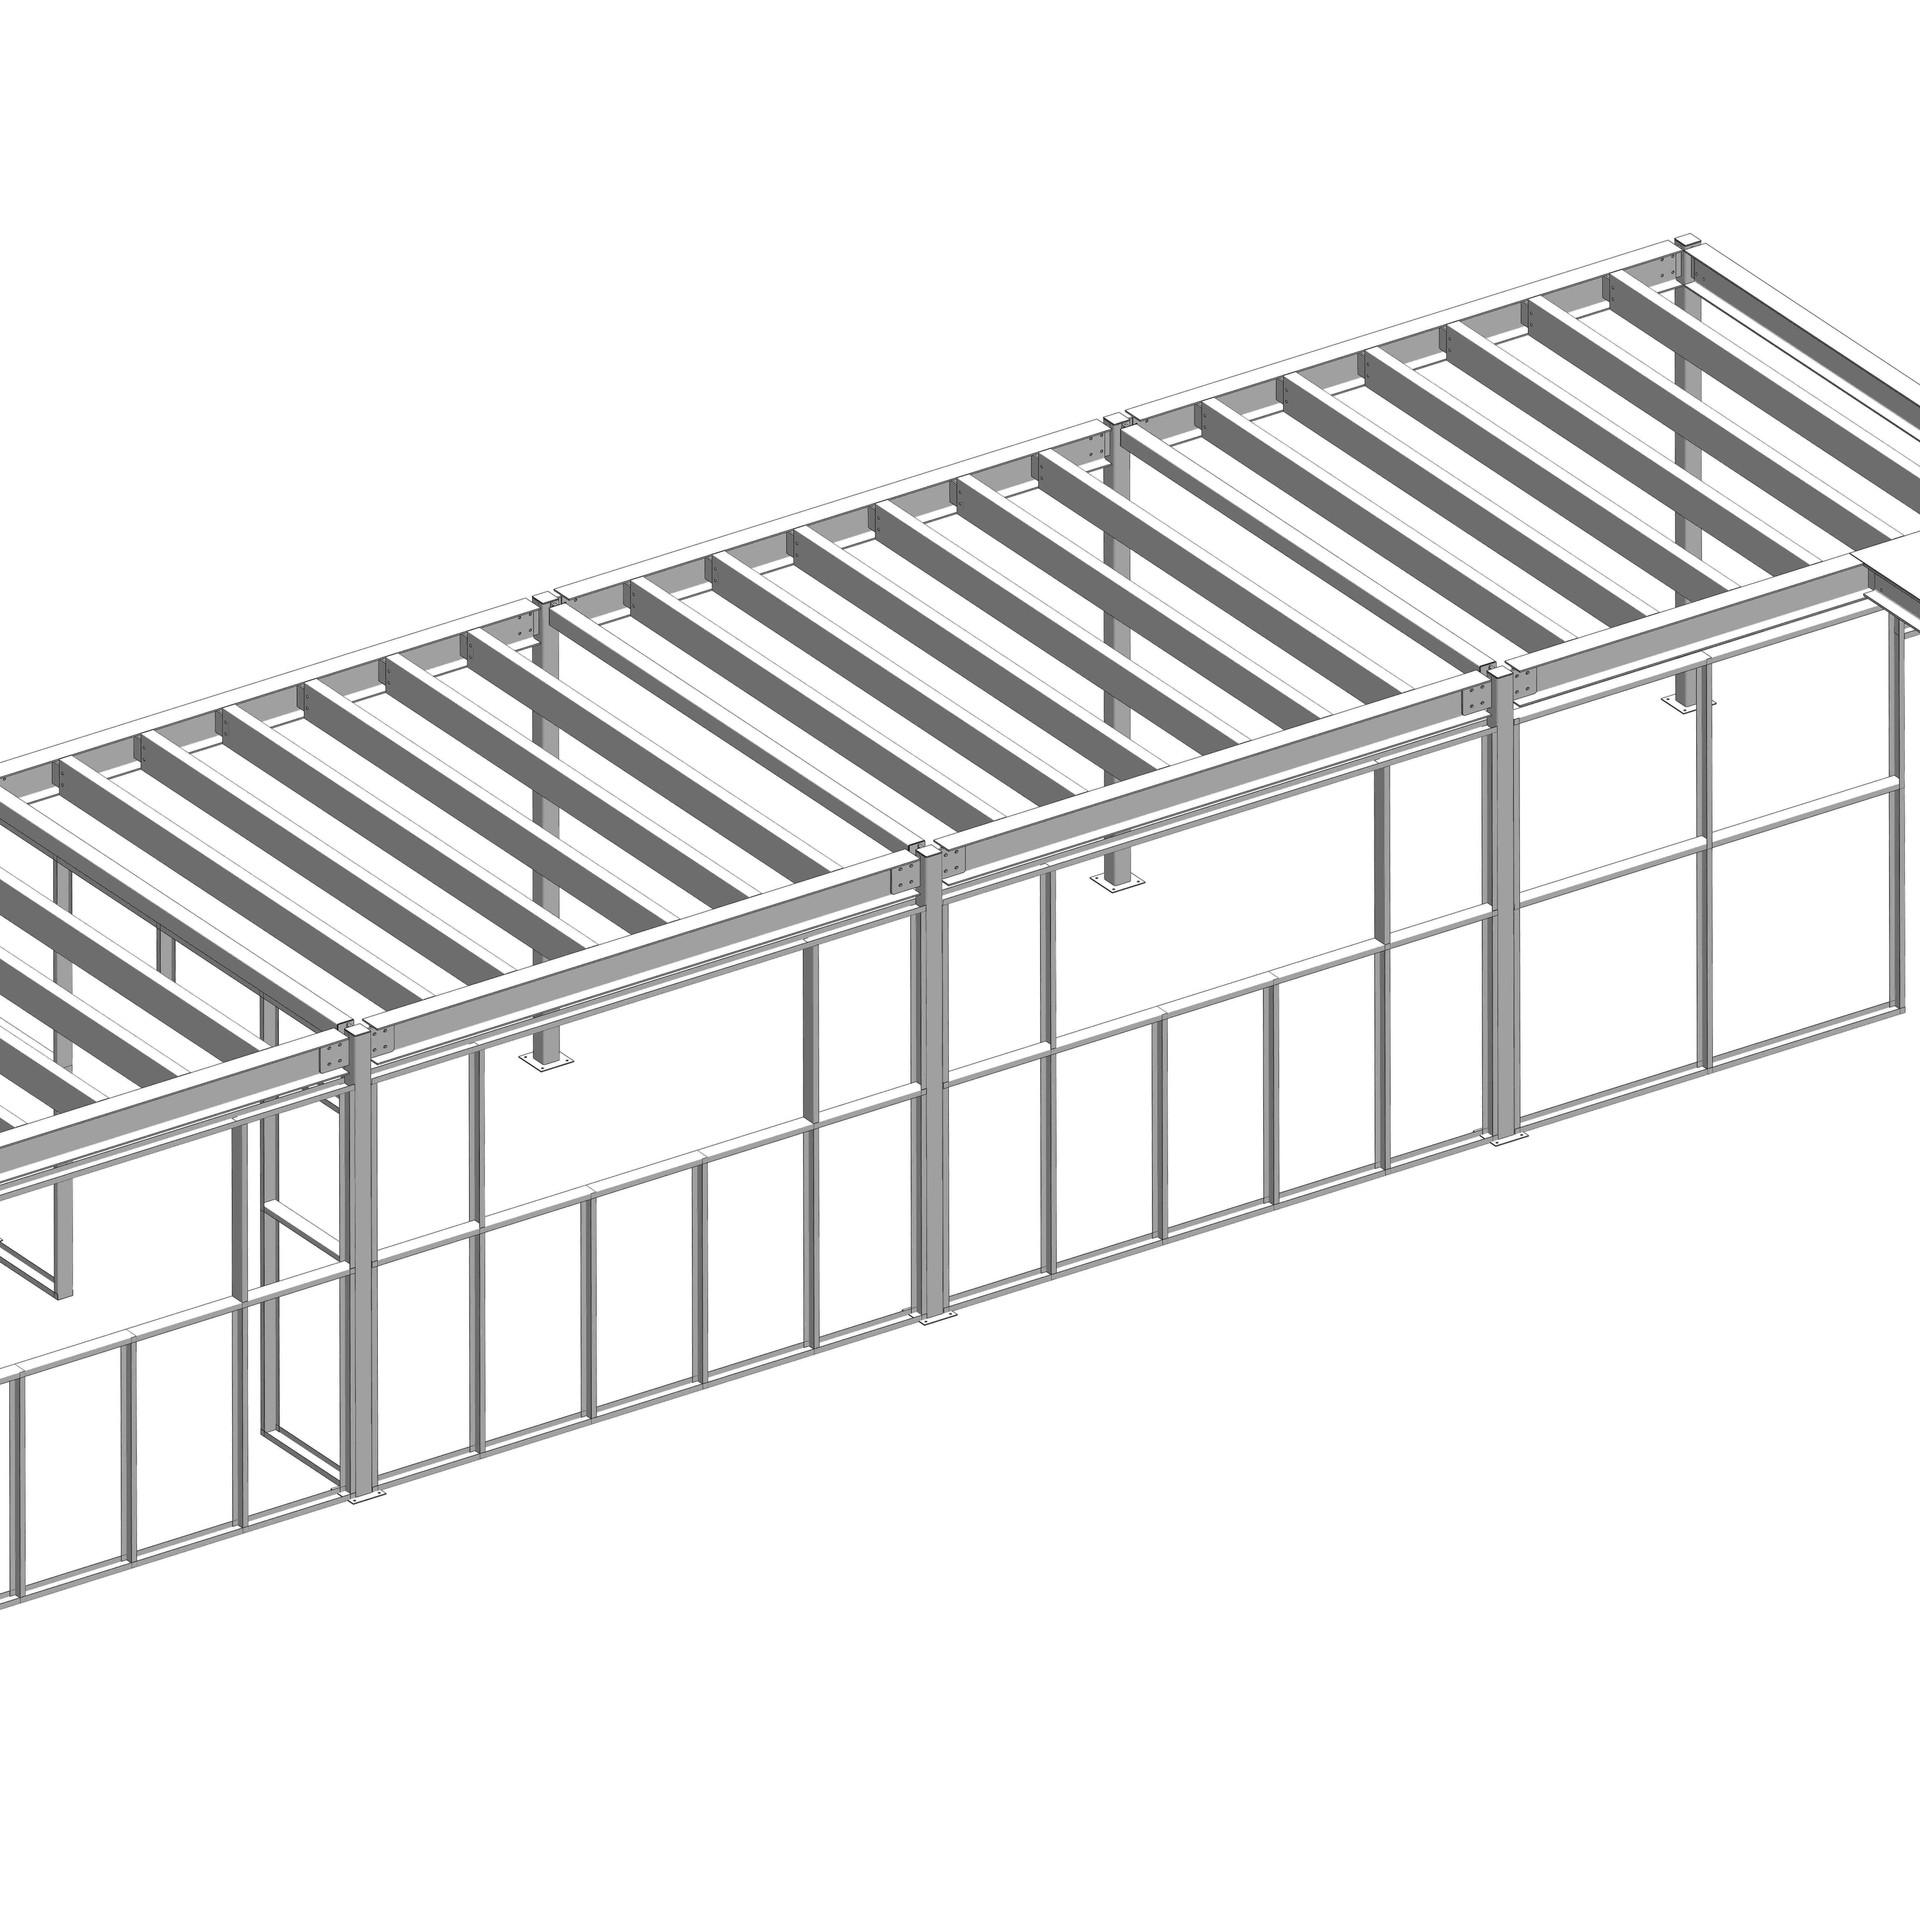 Workshop Mezzanine Floor